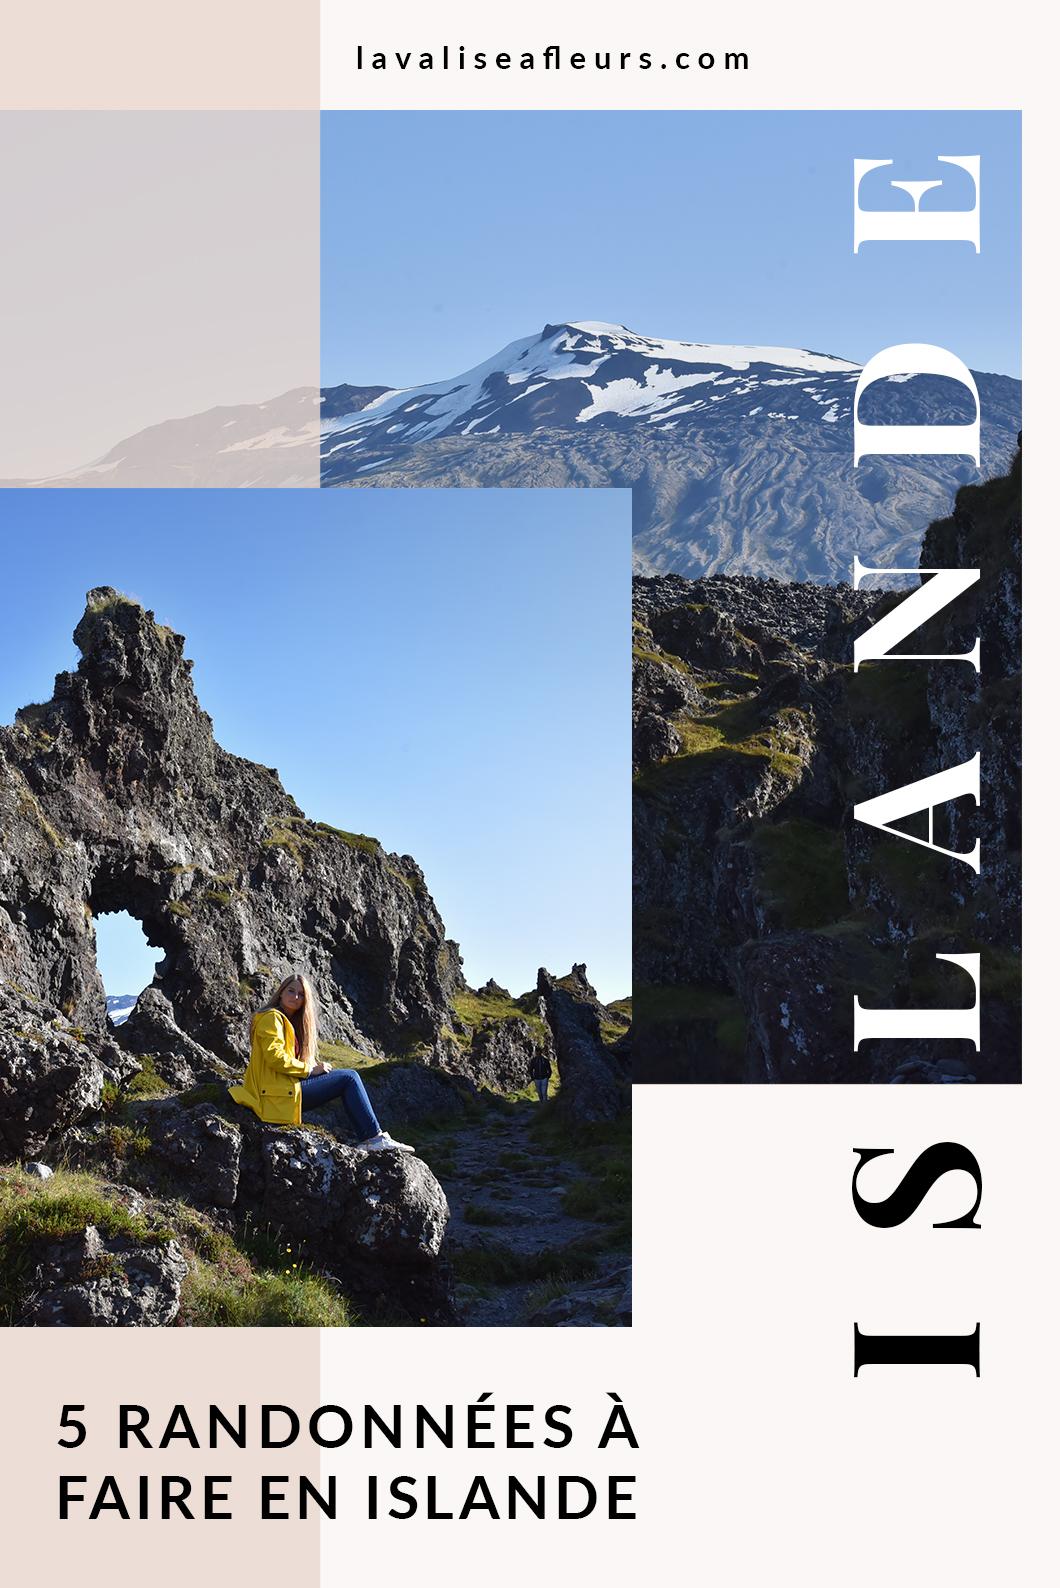 5 randonnées à faire en Islande